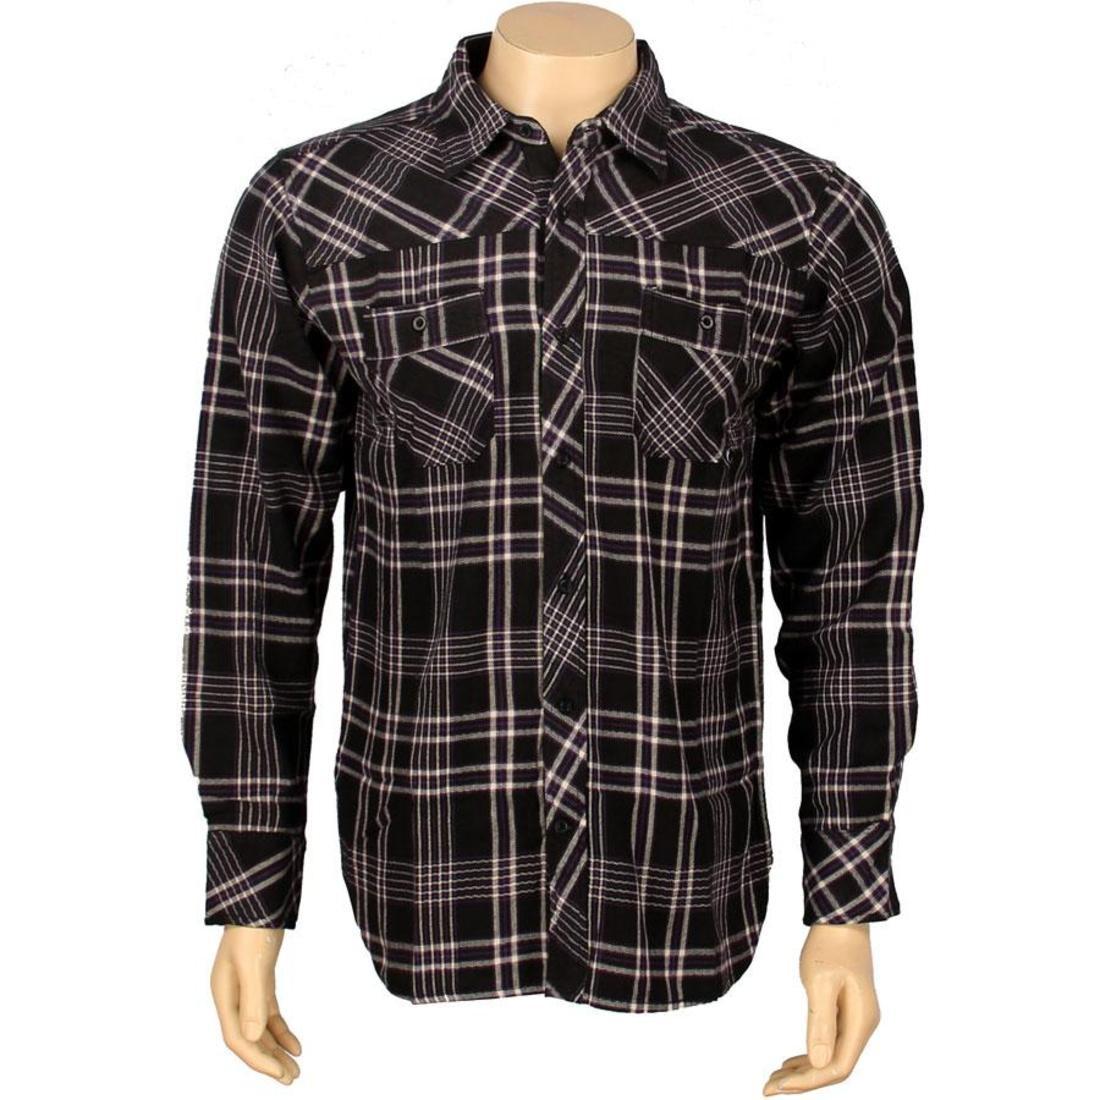 【海外限定】スリーブ カジュアルシャツ メンズファッション 【 SLEEVE JSLV GOODTIMES FLANNEL LONG SHIRT BLACK 】